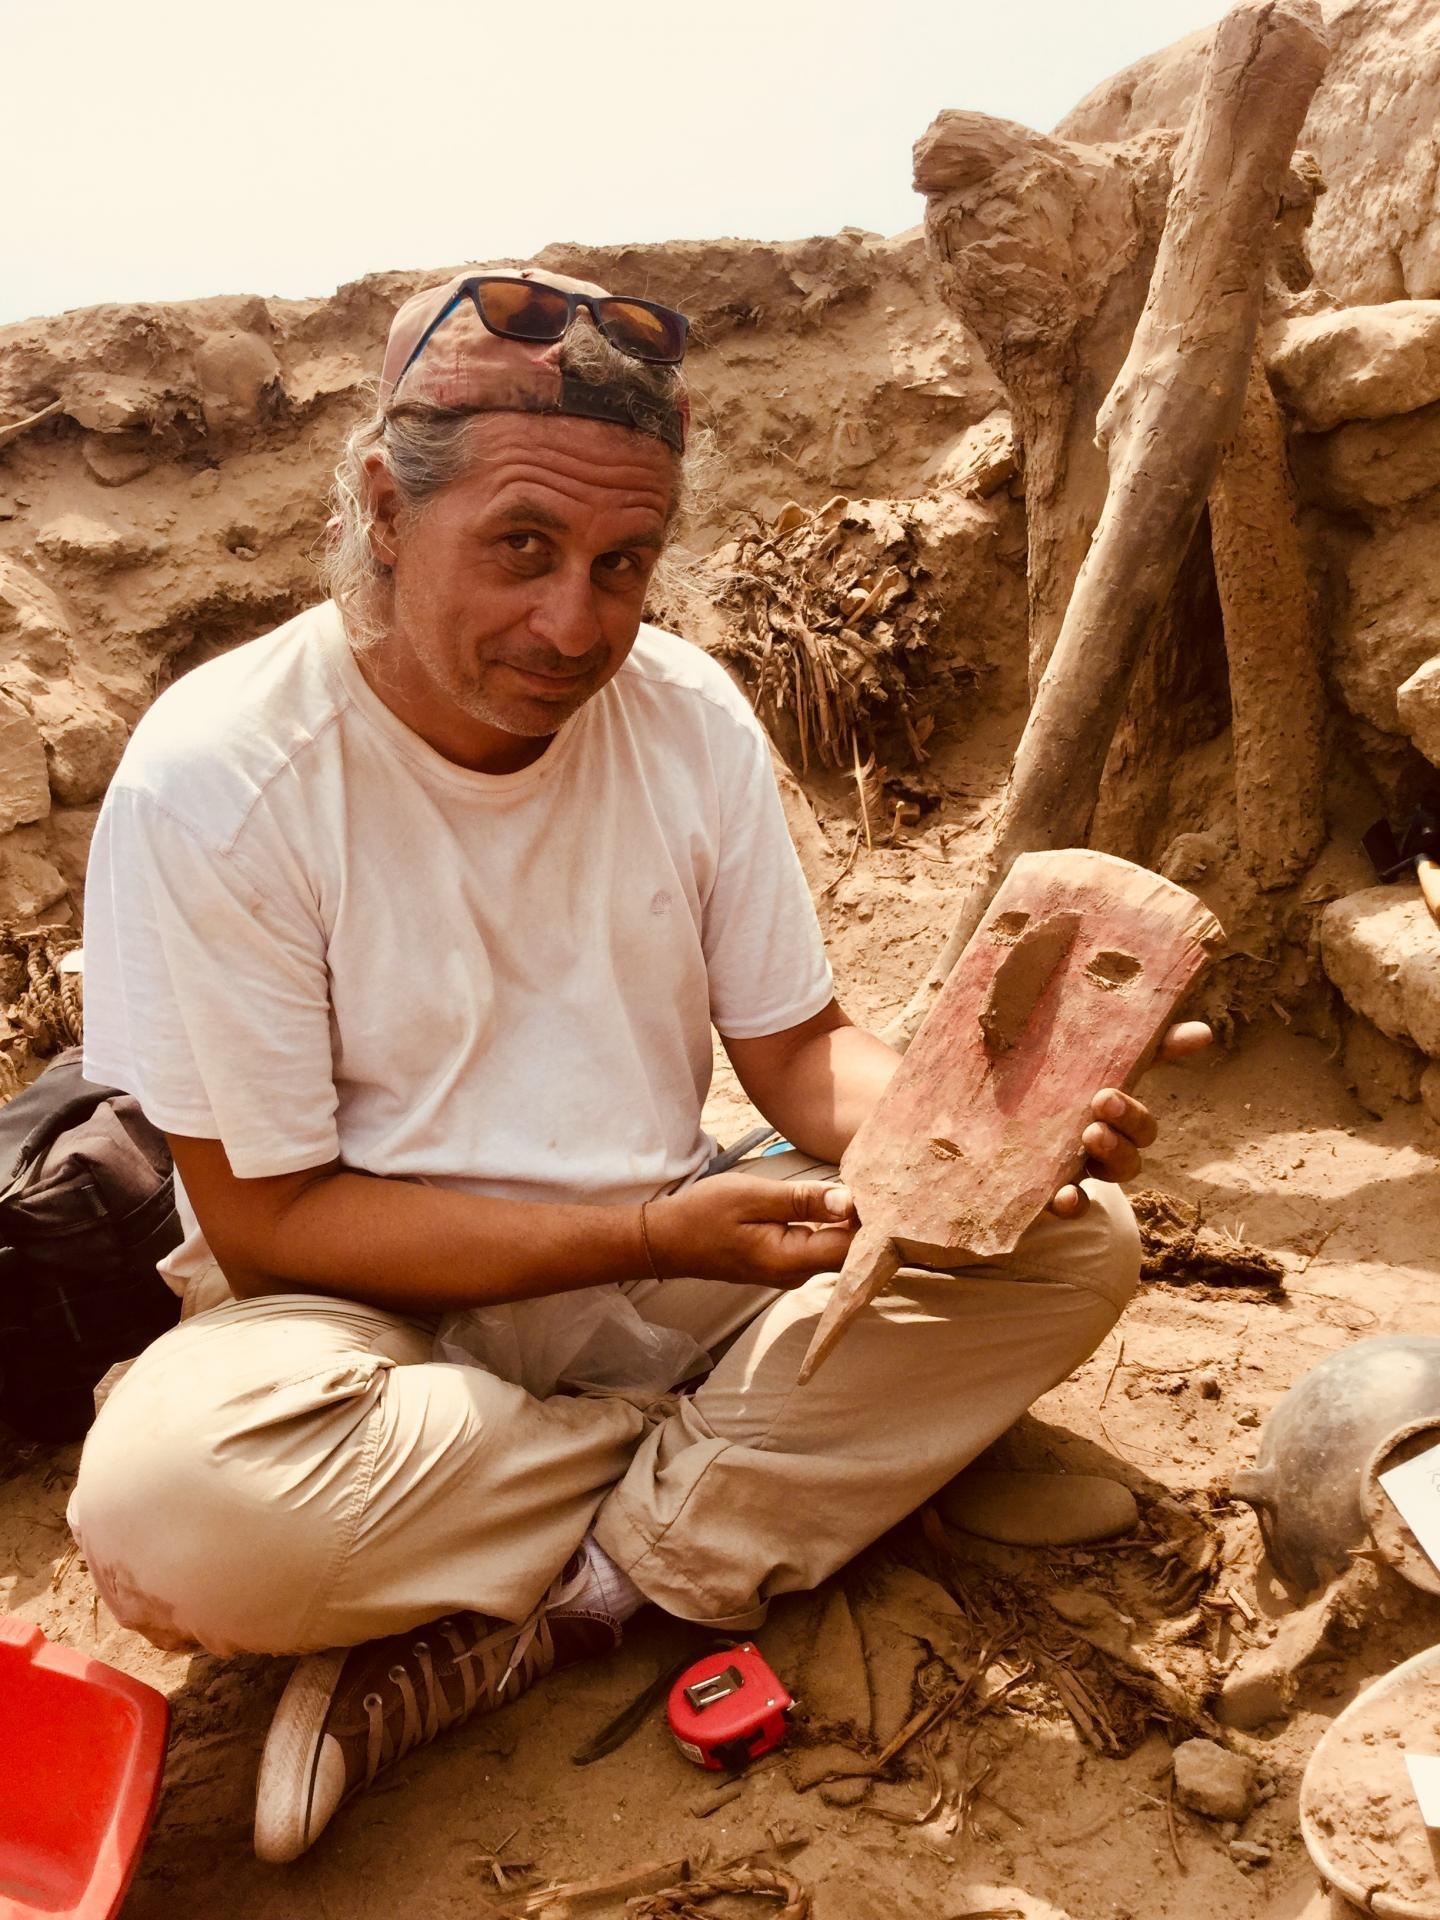 O arqueólogo Peter Eeckhout durante as escavações em Pachacamac, no Peru (Foto: ULB P. EECKHOUT)